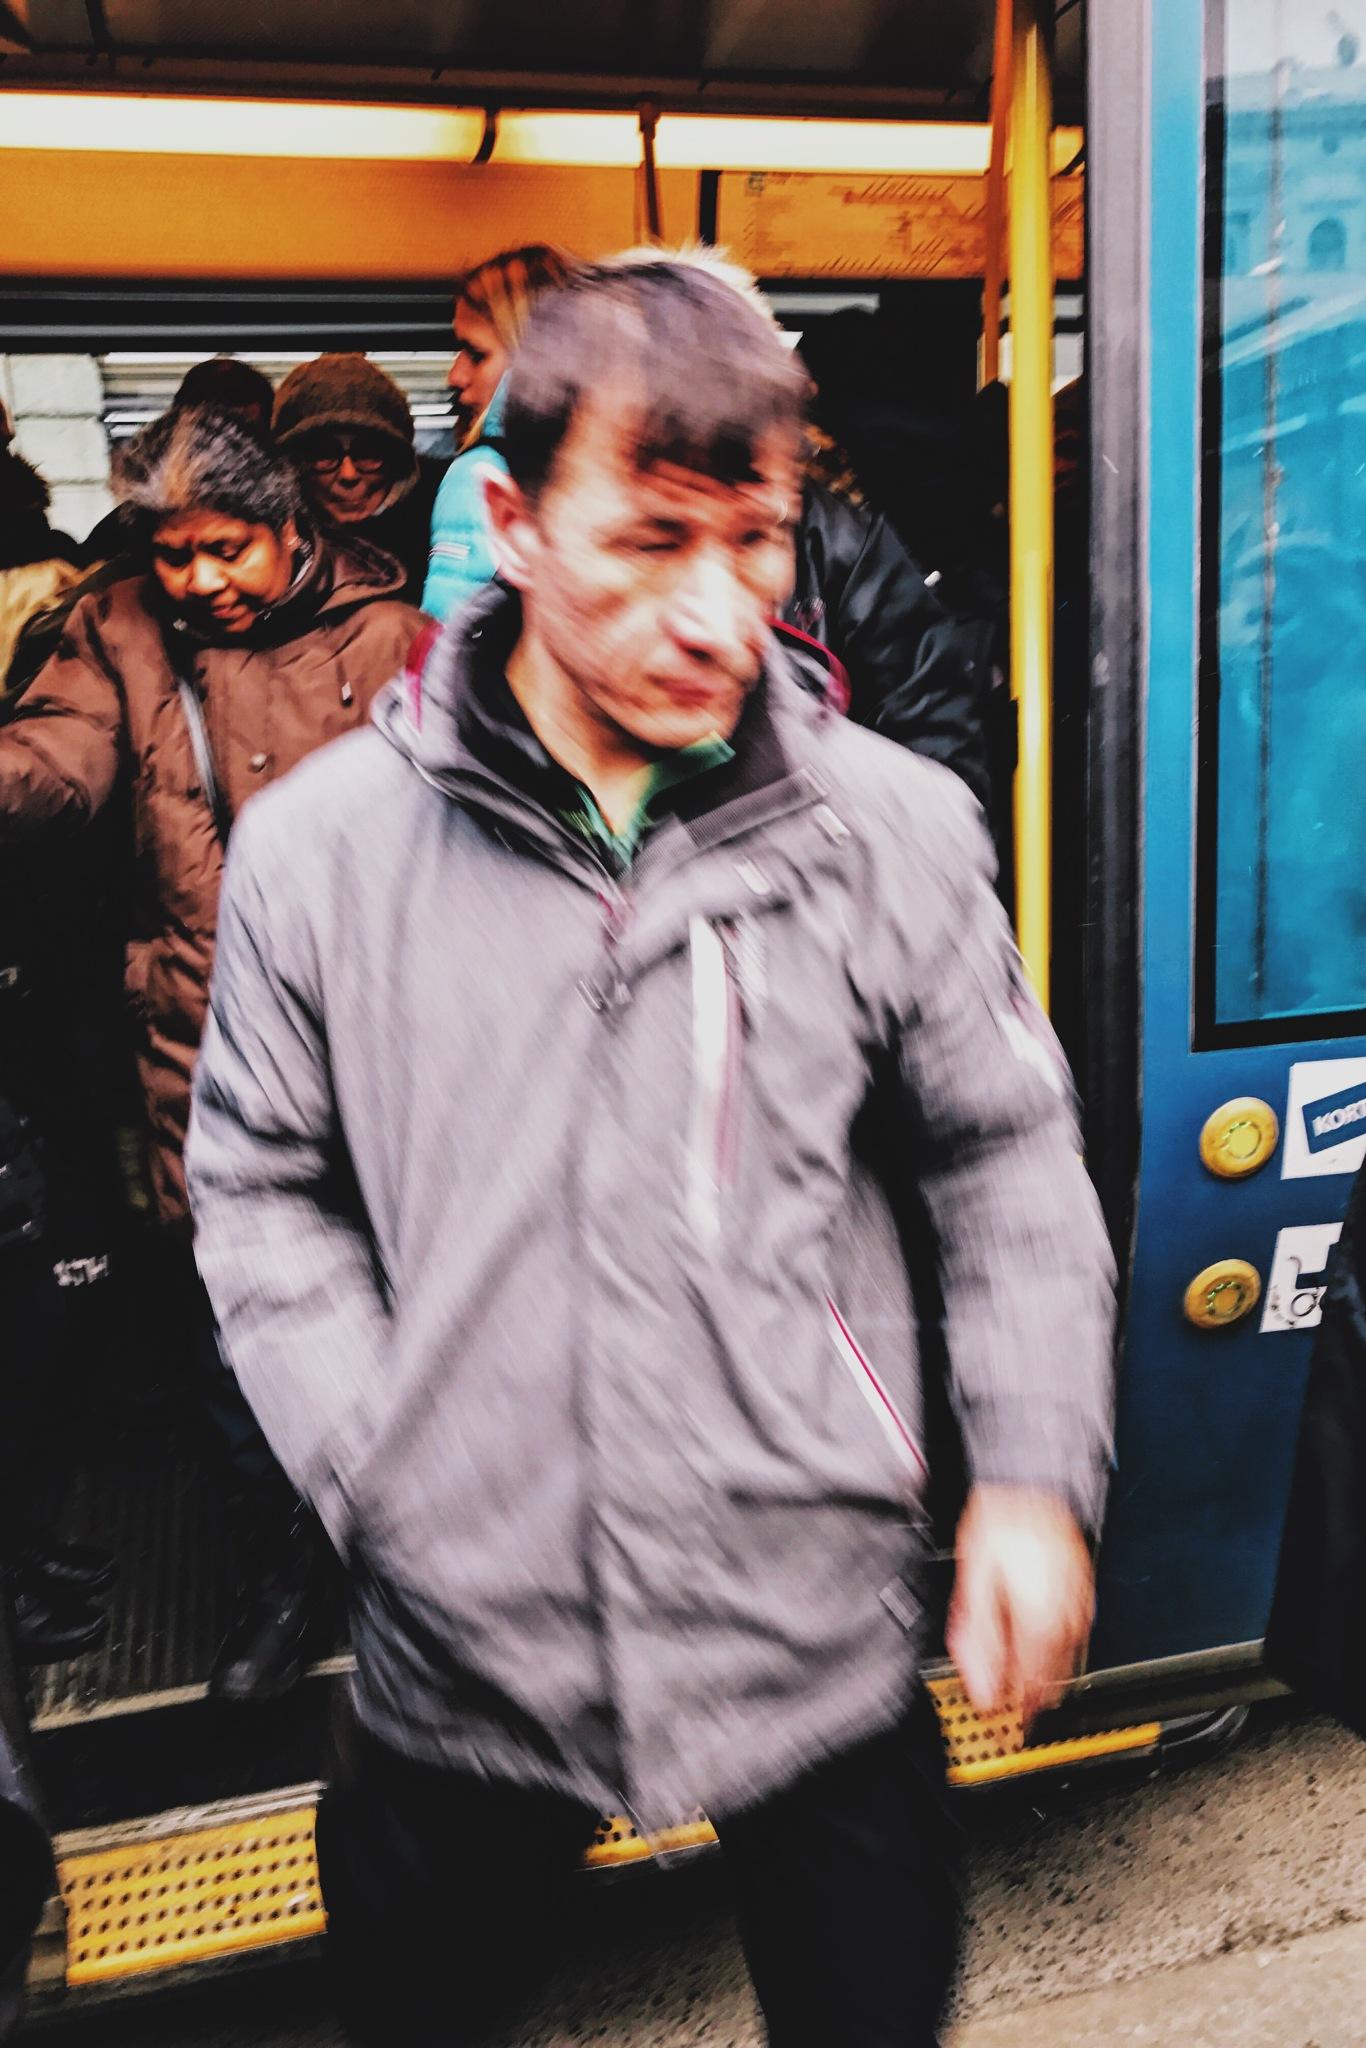 Tough Man by Goran Jorganovich